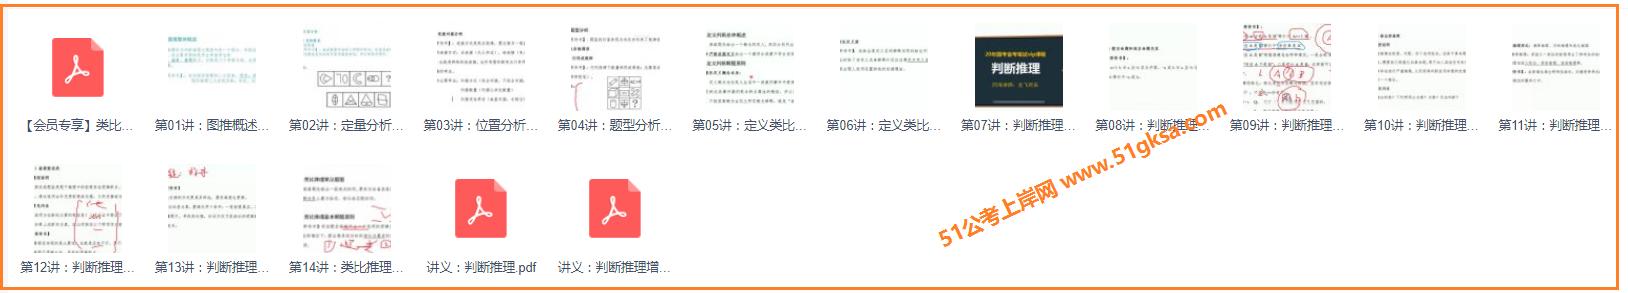 四海公考2020国考龙飞判断推理筑基班-51公考上岸网